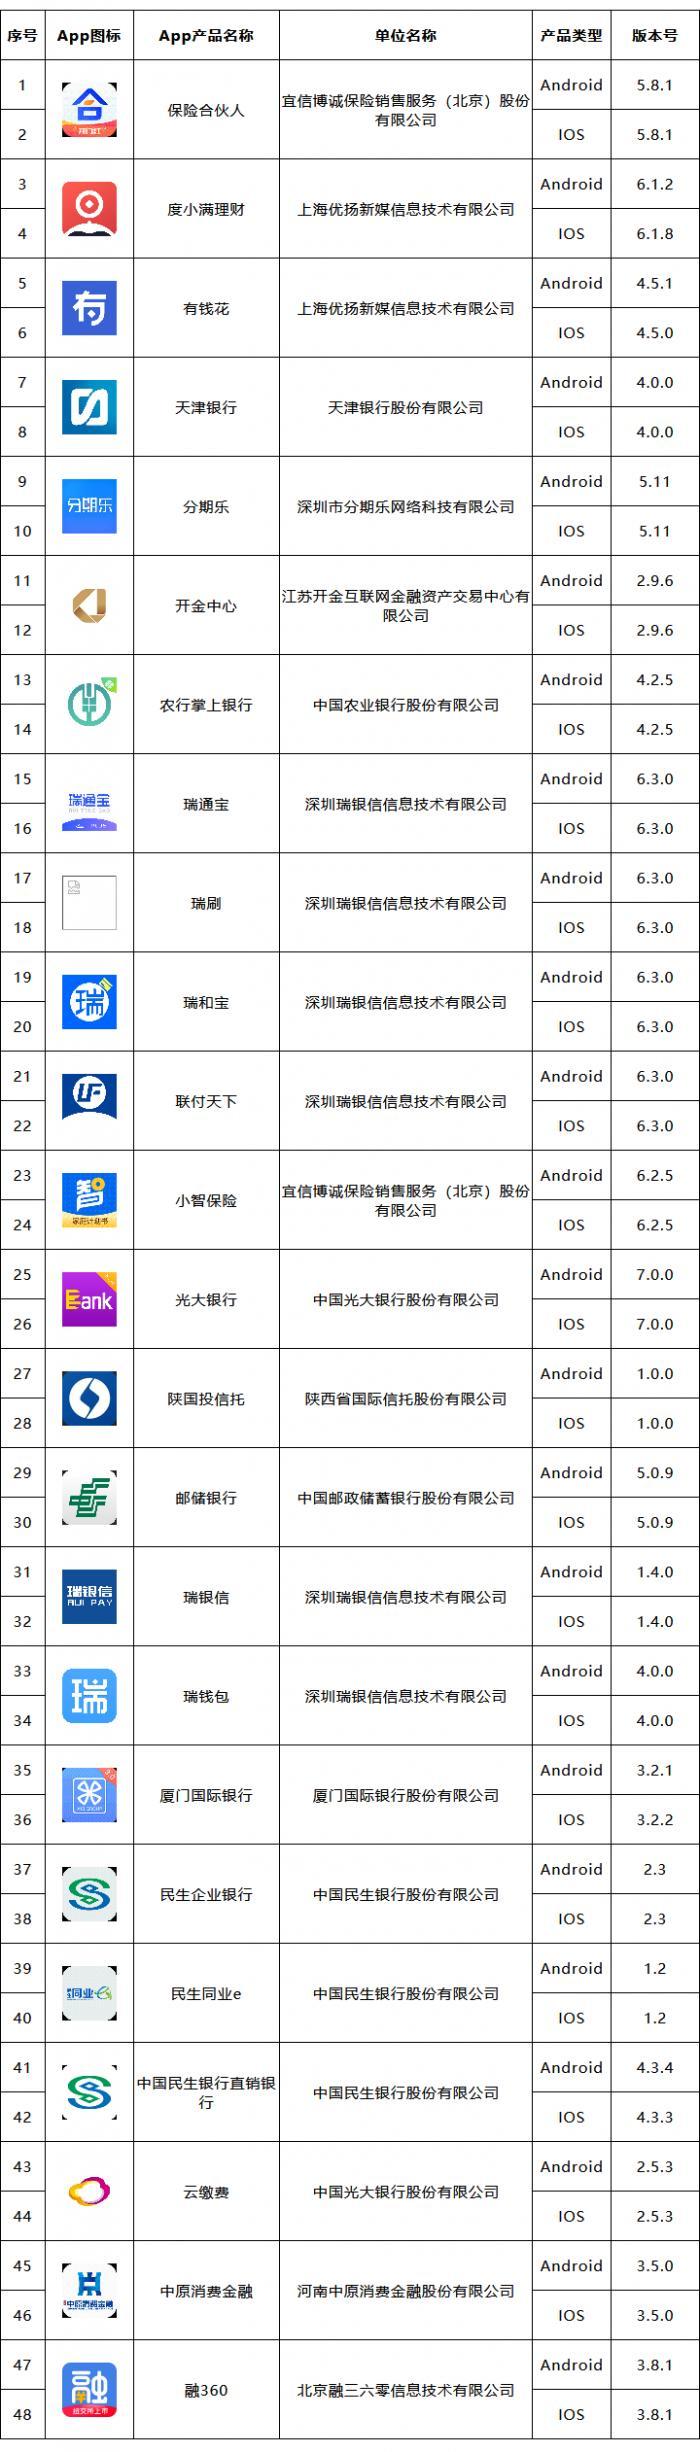 48款金融APP拟备案名单公布:农行、邮储、民生、光大等9家银行入选